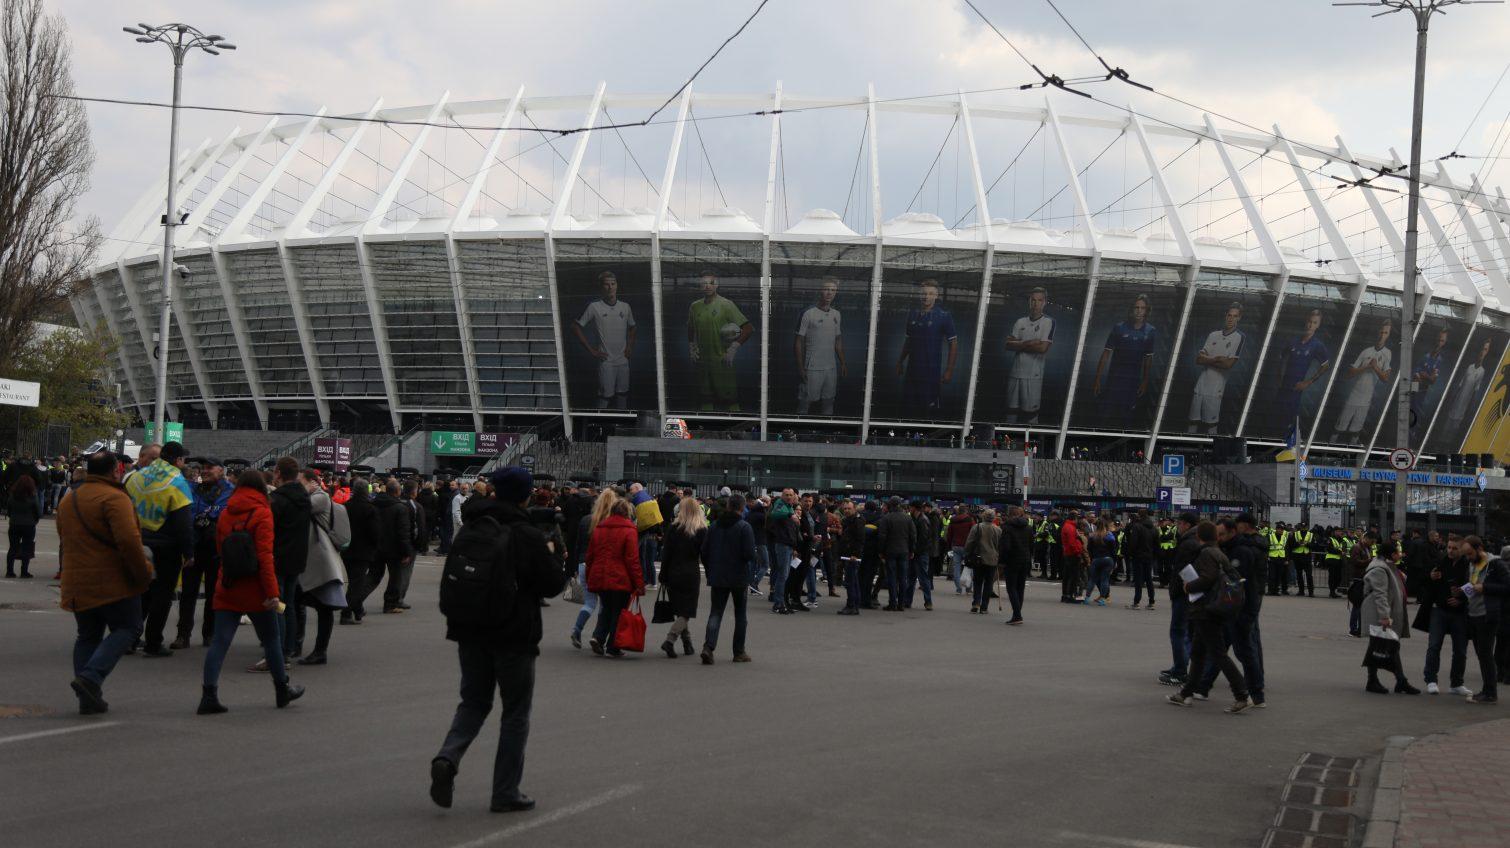 «Олимпийский».online: «Ждем нормальных обещаний», — киевляне о своих ожиданиях от дебатов «фото»